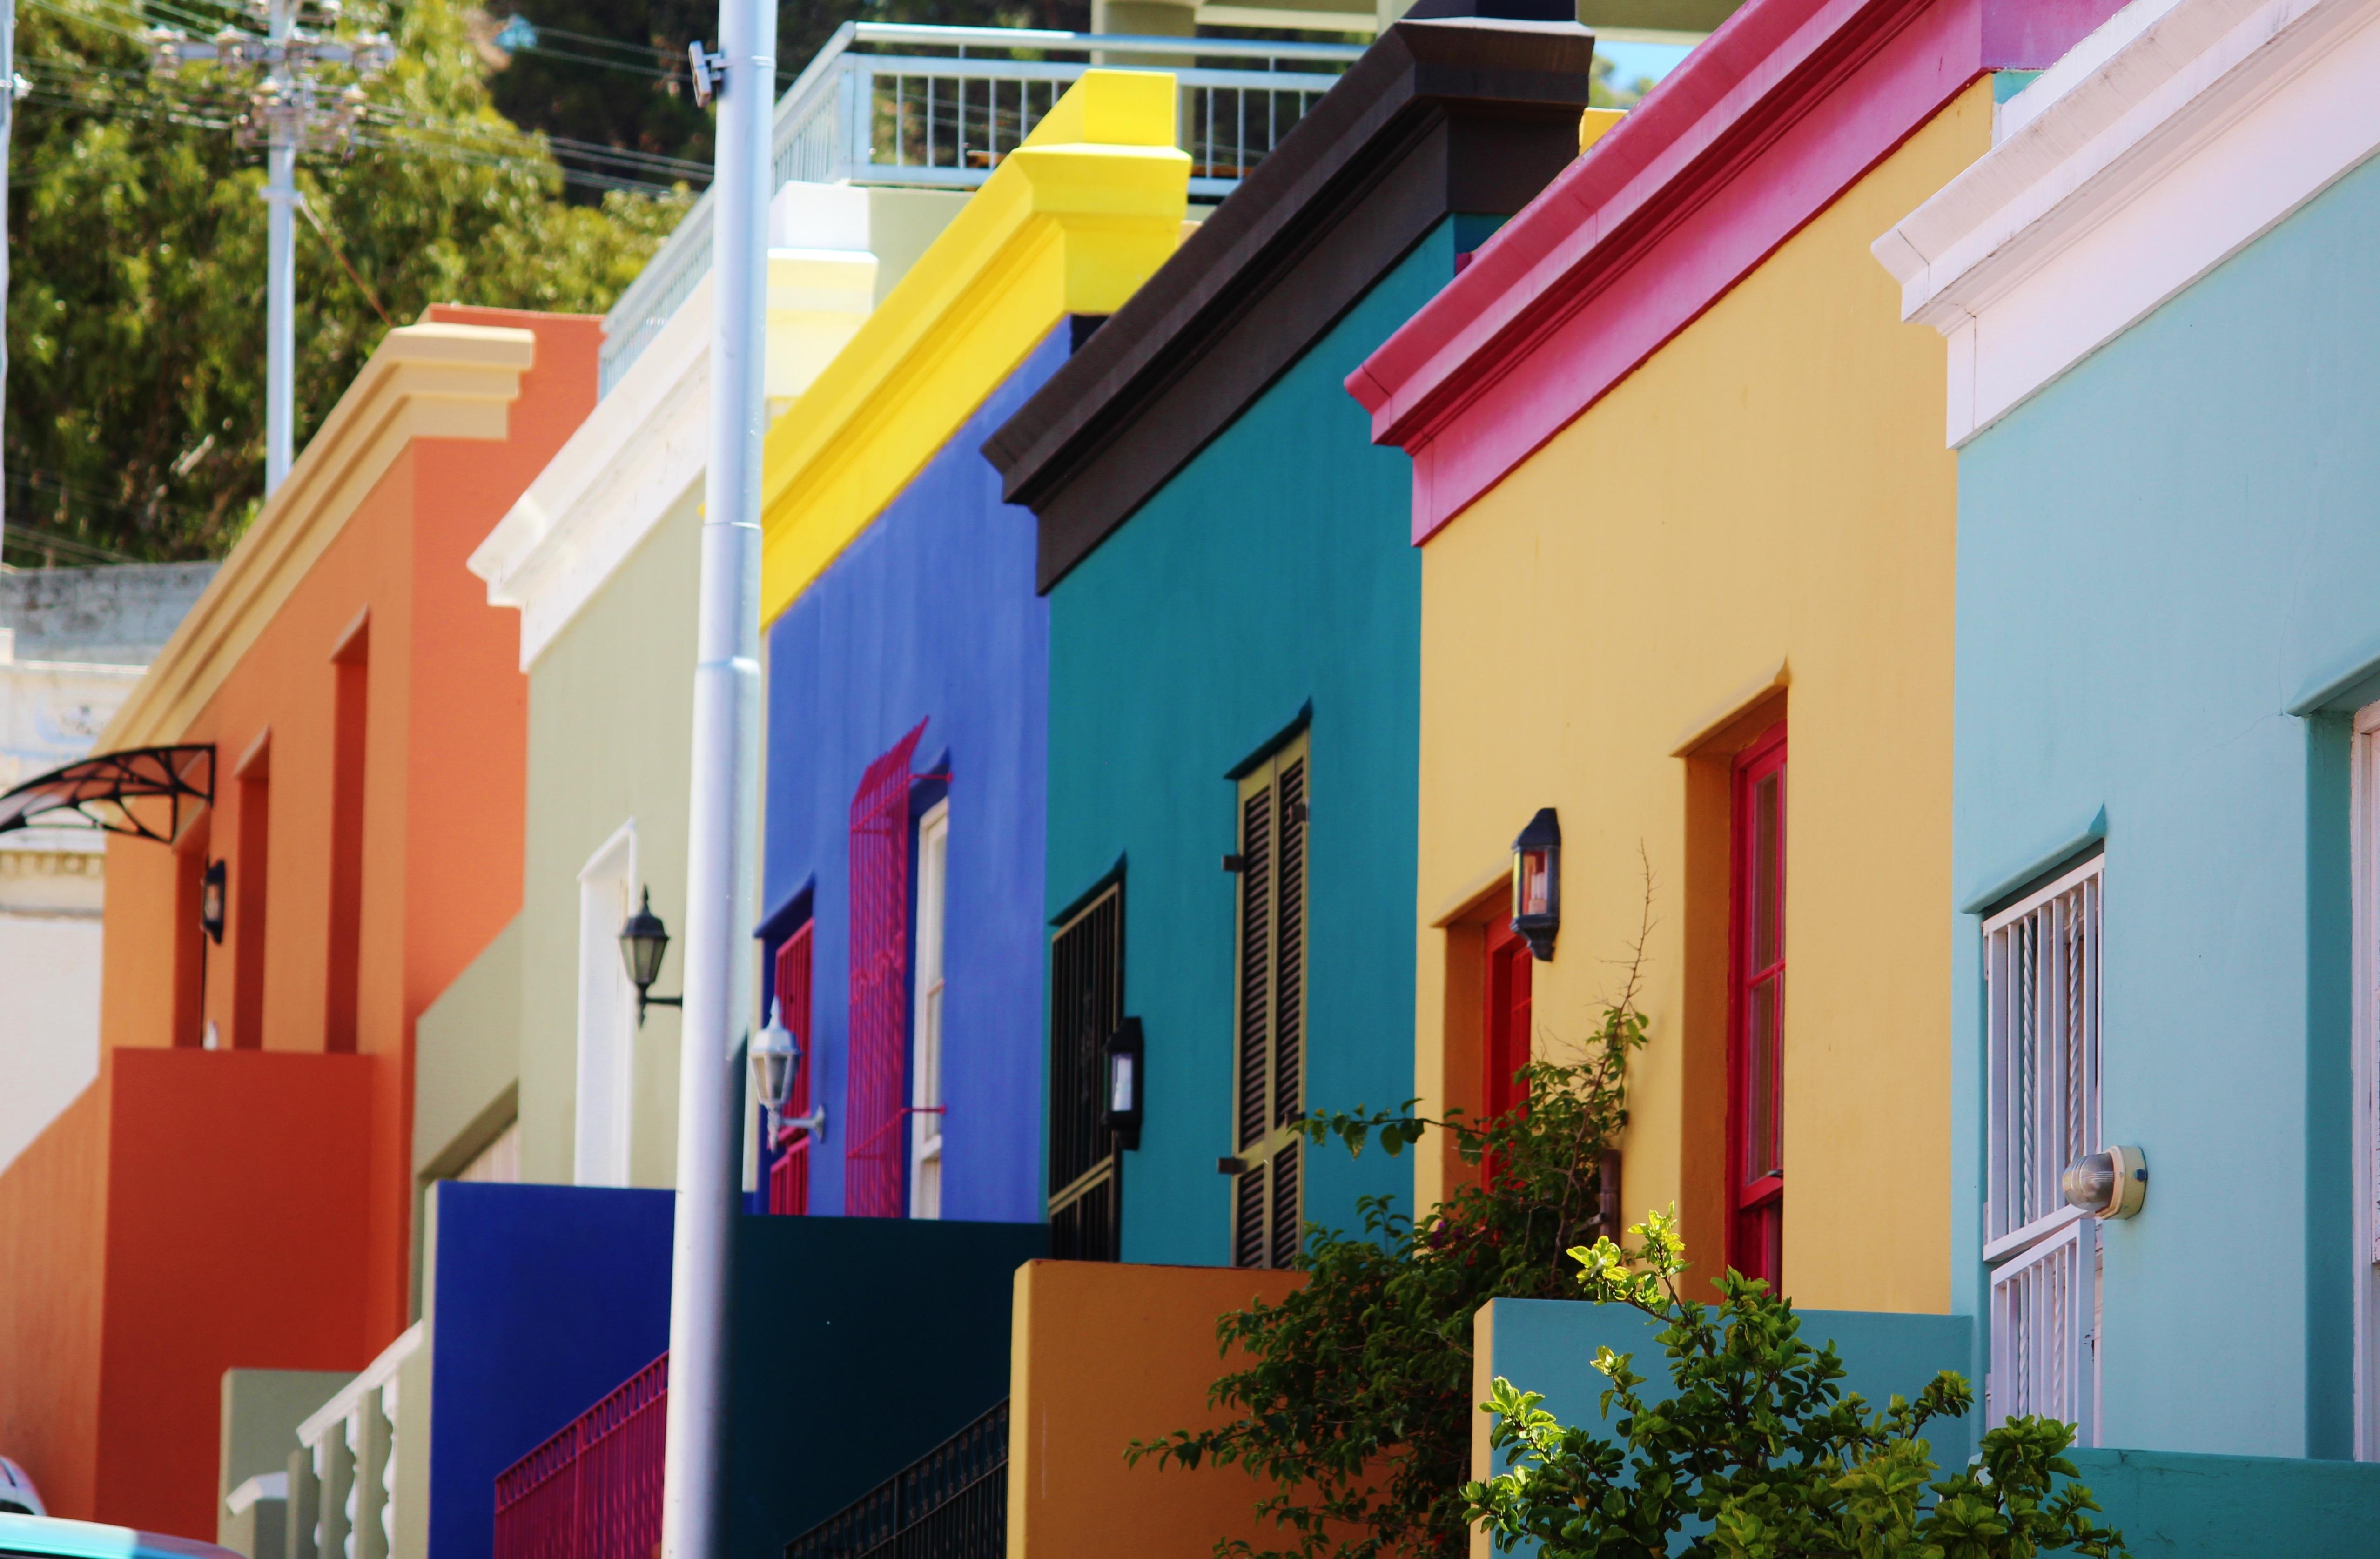 Couleur Extérieur Maison 2017 images gratuites : maison, couleur, façade, propriété